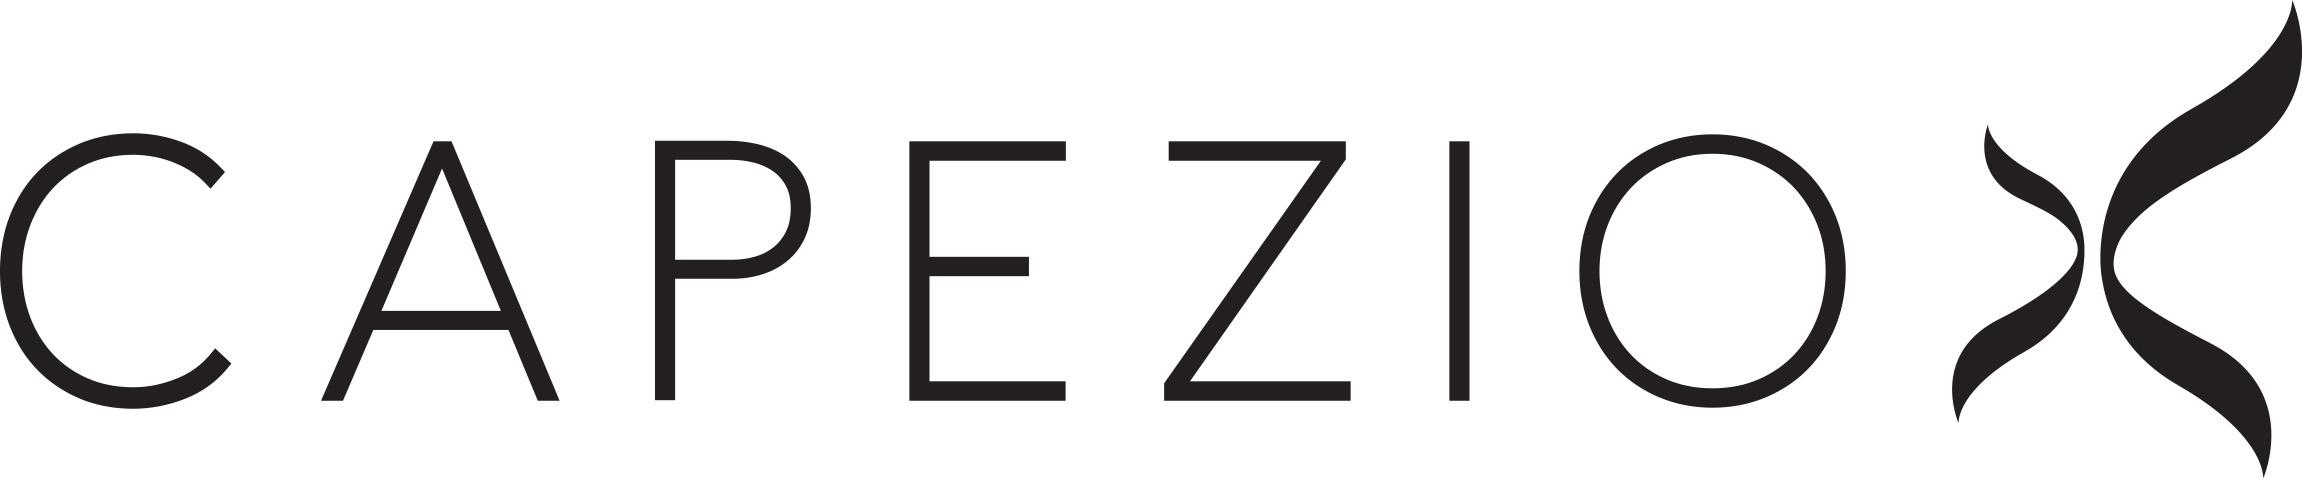 capezio-new-logo